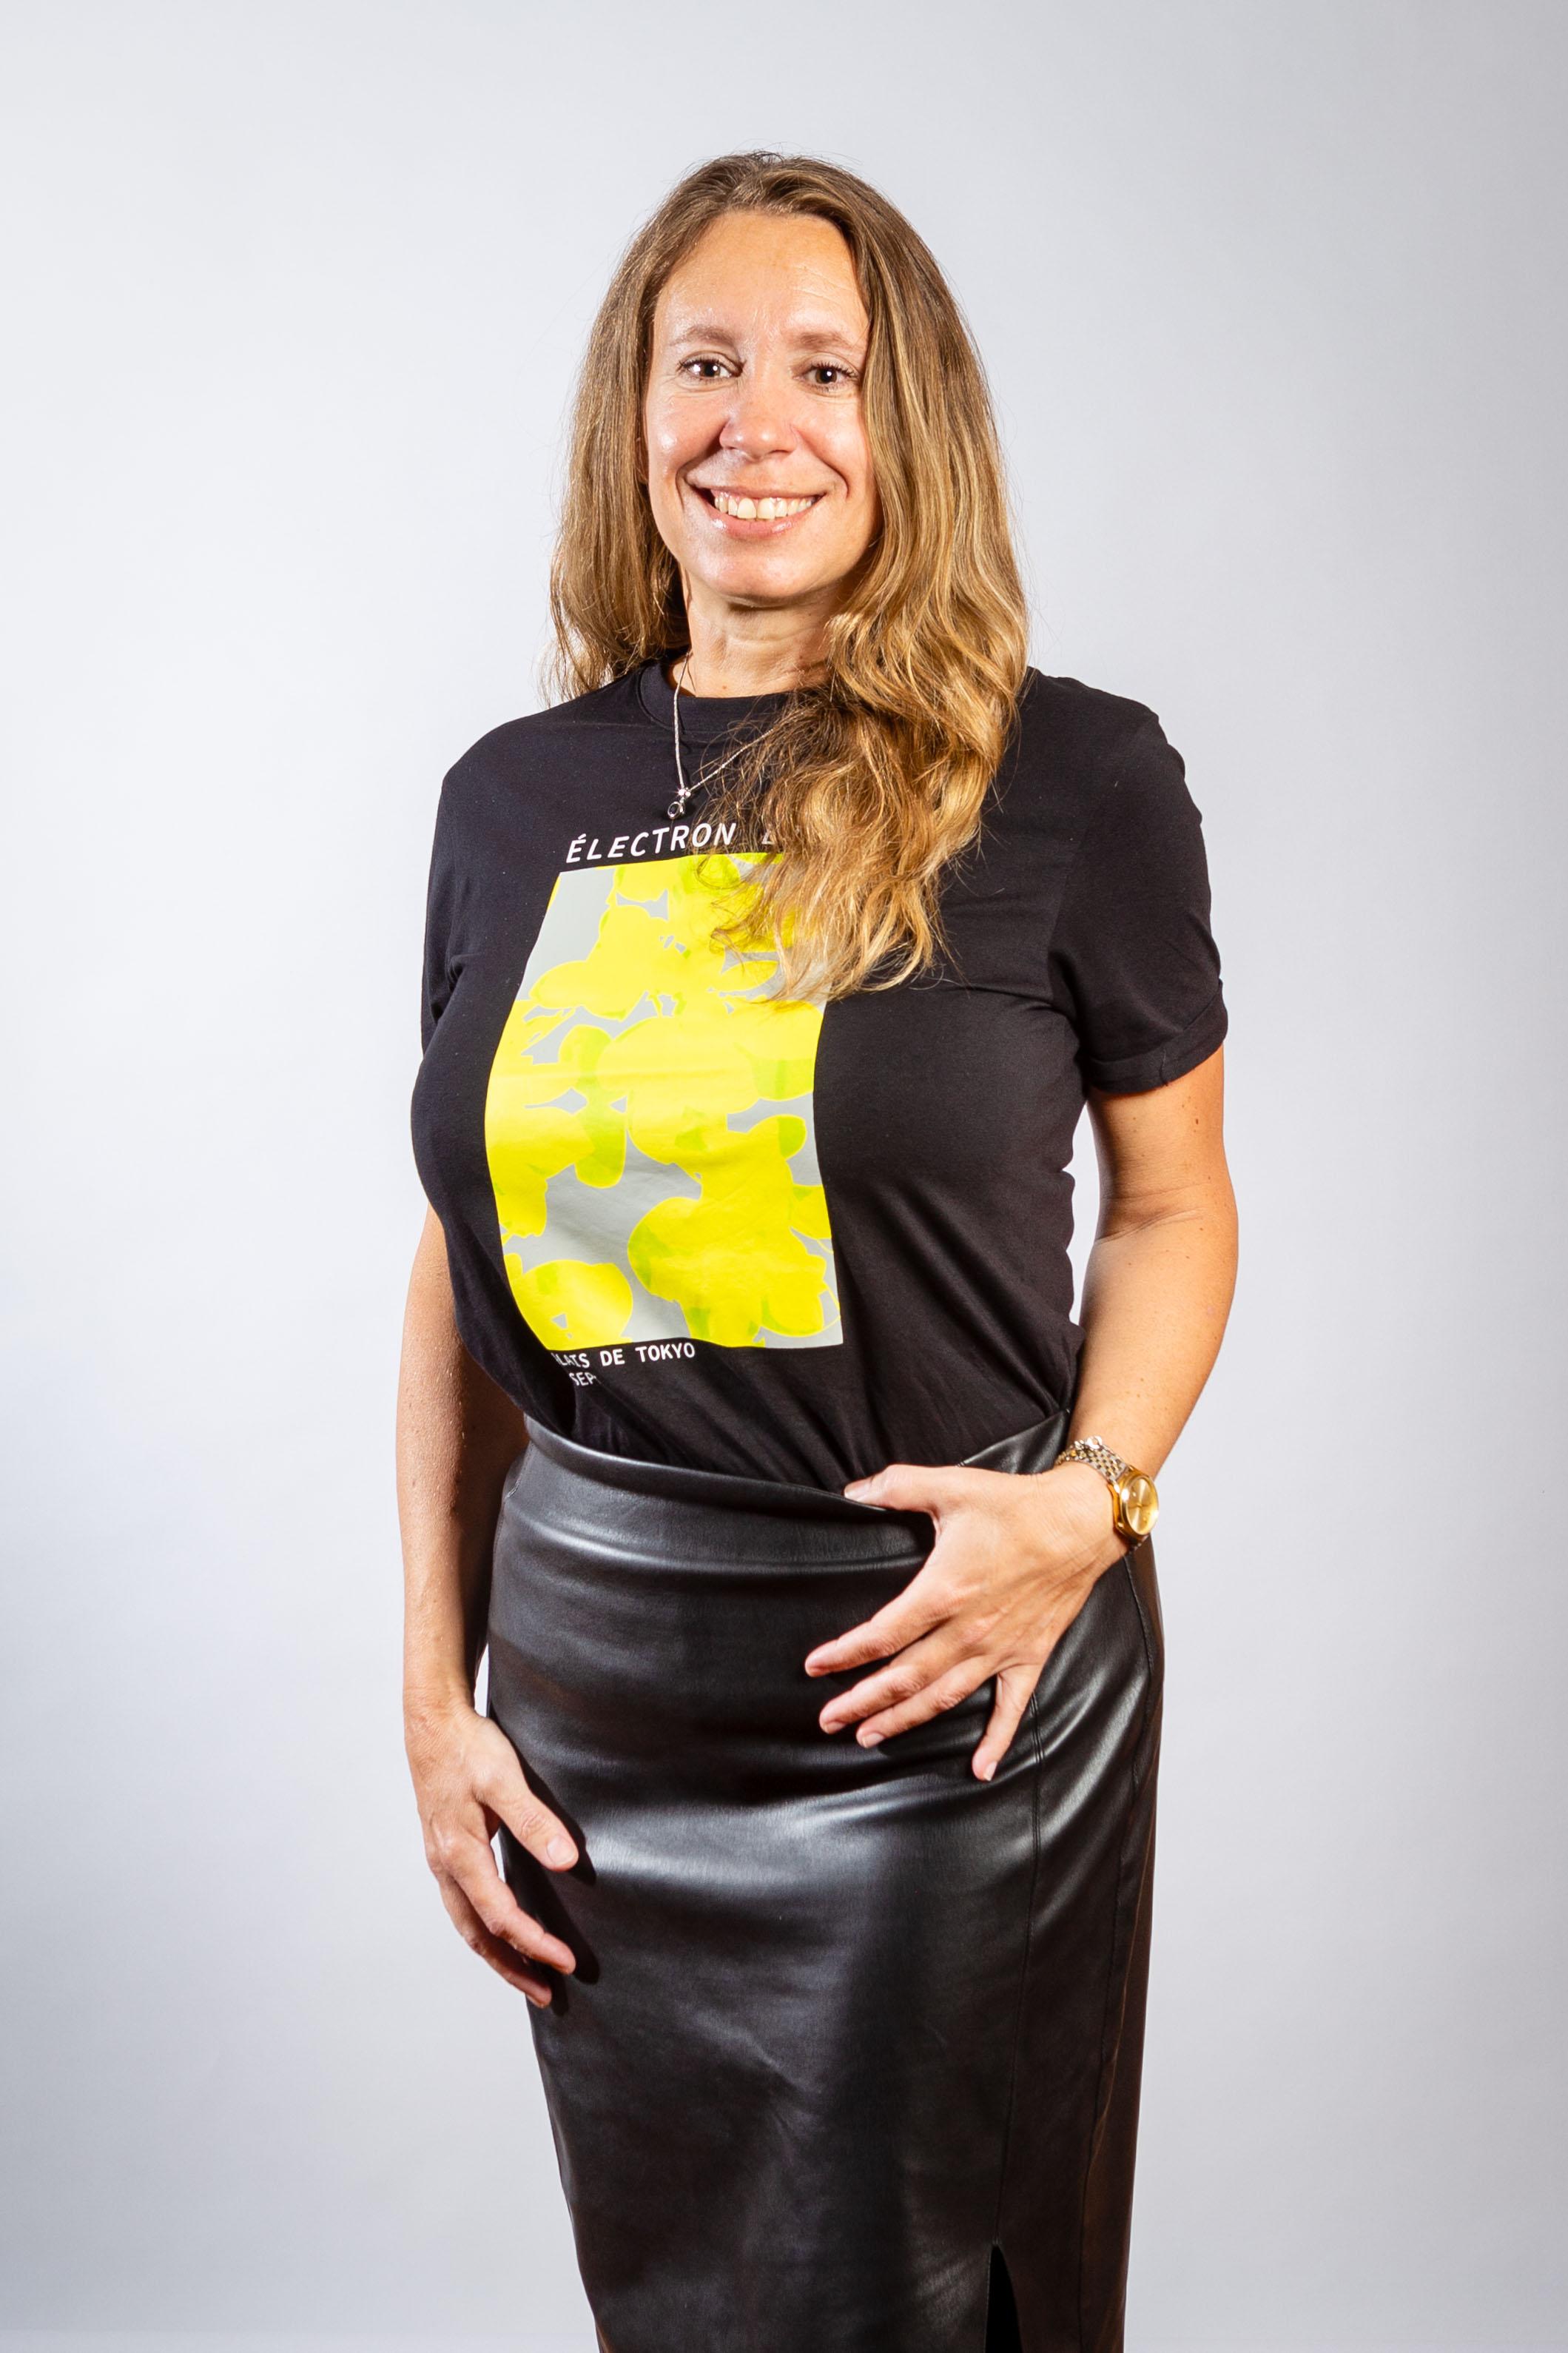 Simone Bosman